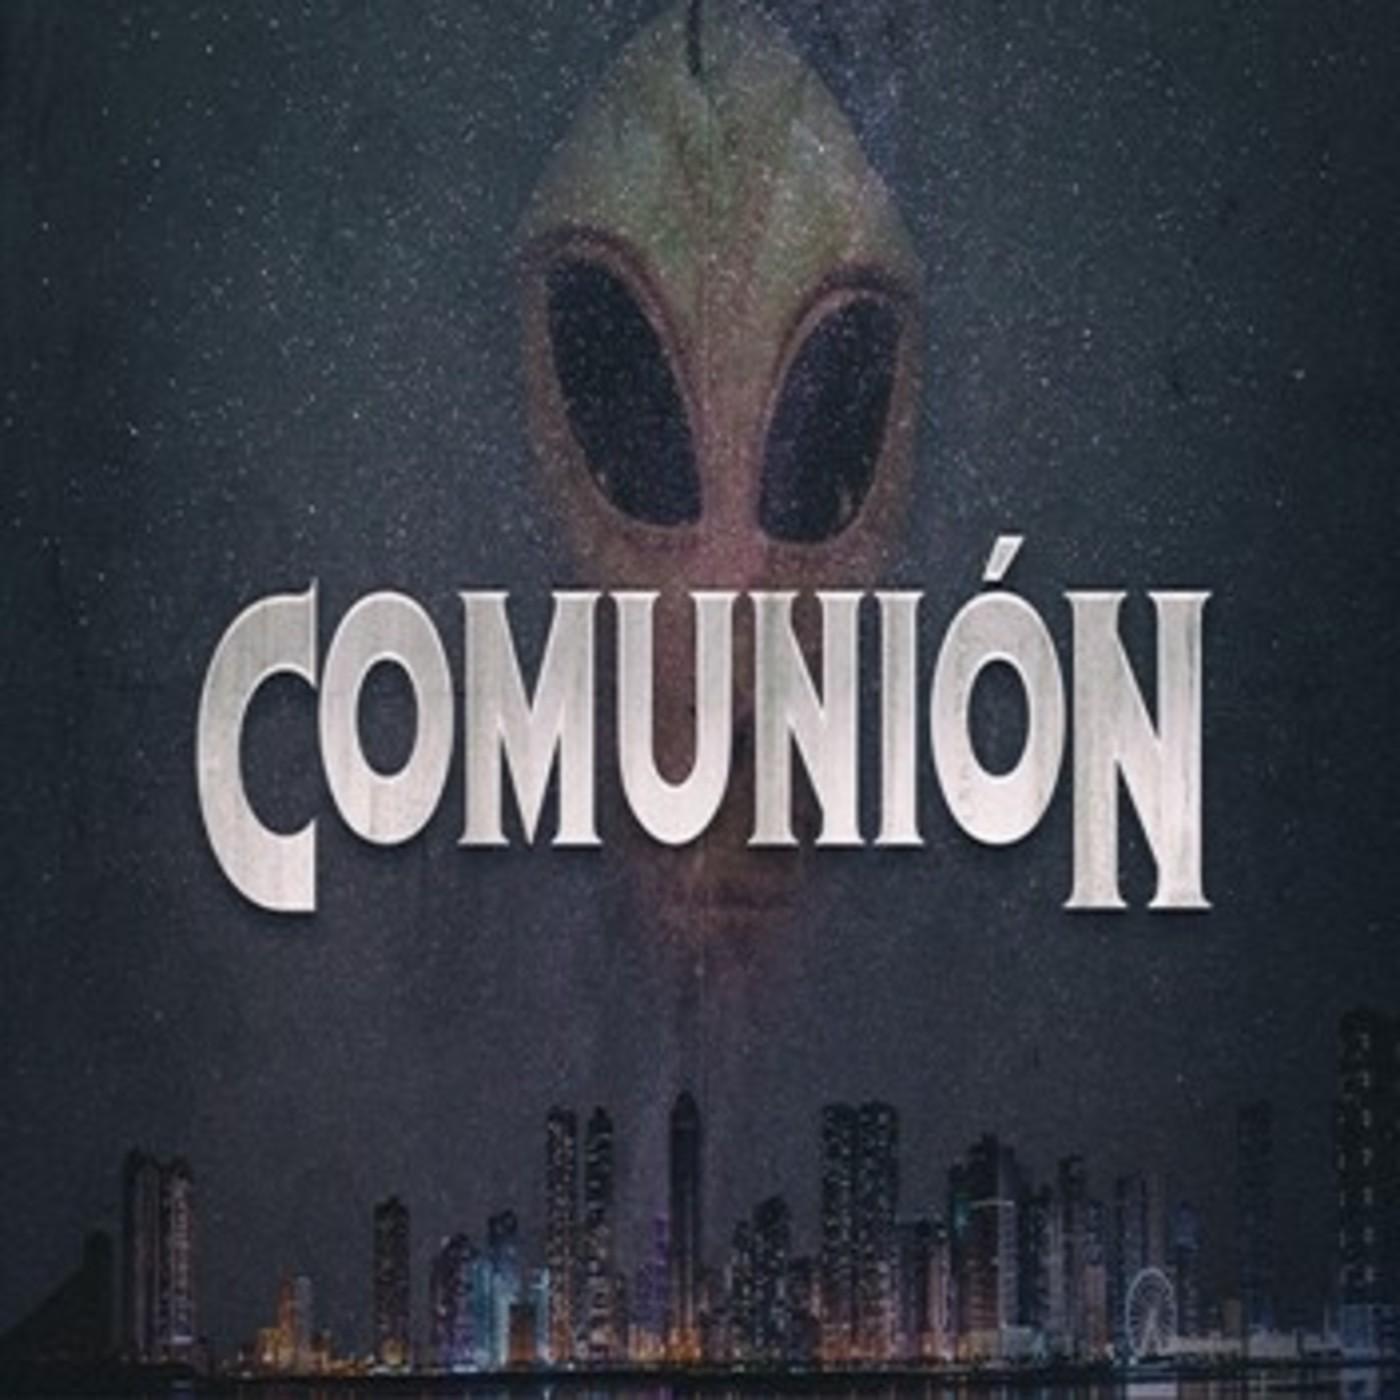 Cuarto Milenio: Communion - Javier Sierra en Cuarto Milenio (Oficial ...